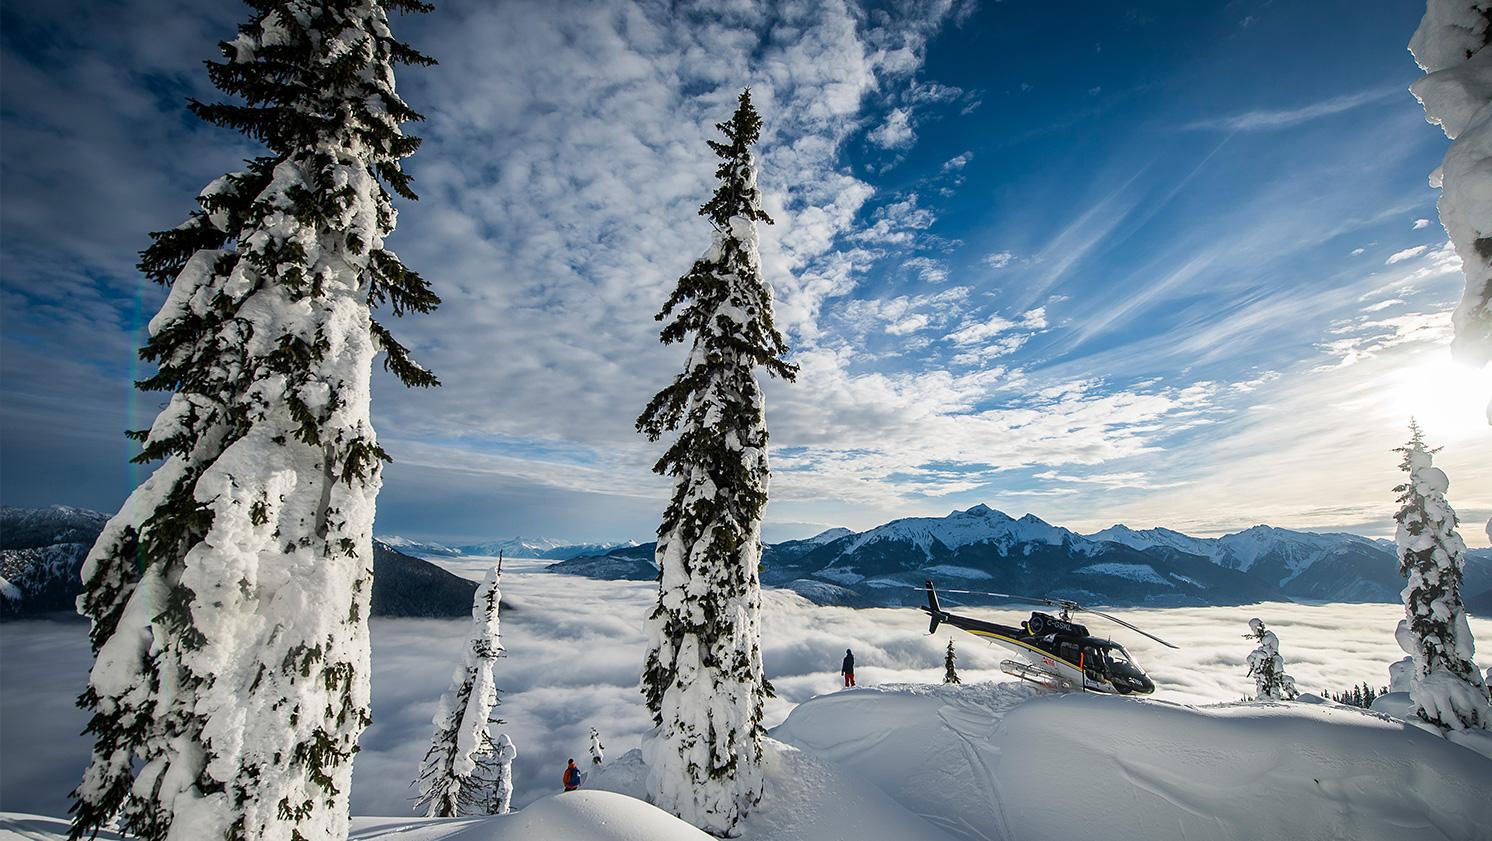 Laat je droom uitkomen en boek je heliskivakantie bij Wintersport Canada Amerika, of combineer je heliski met een skisafari